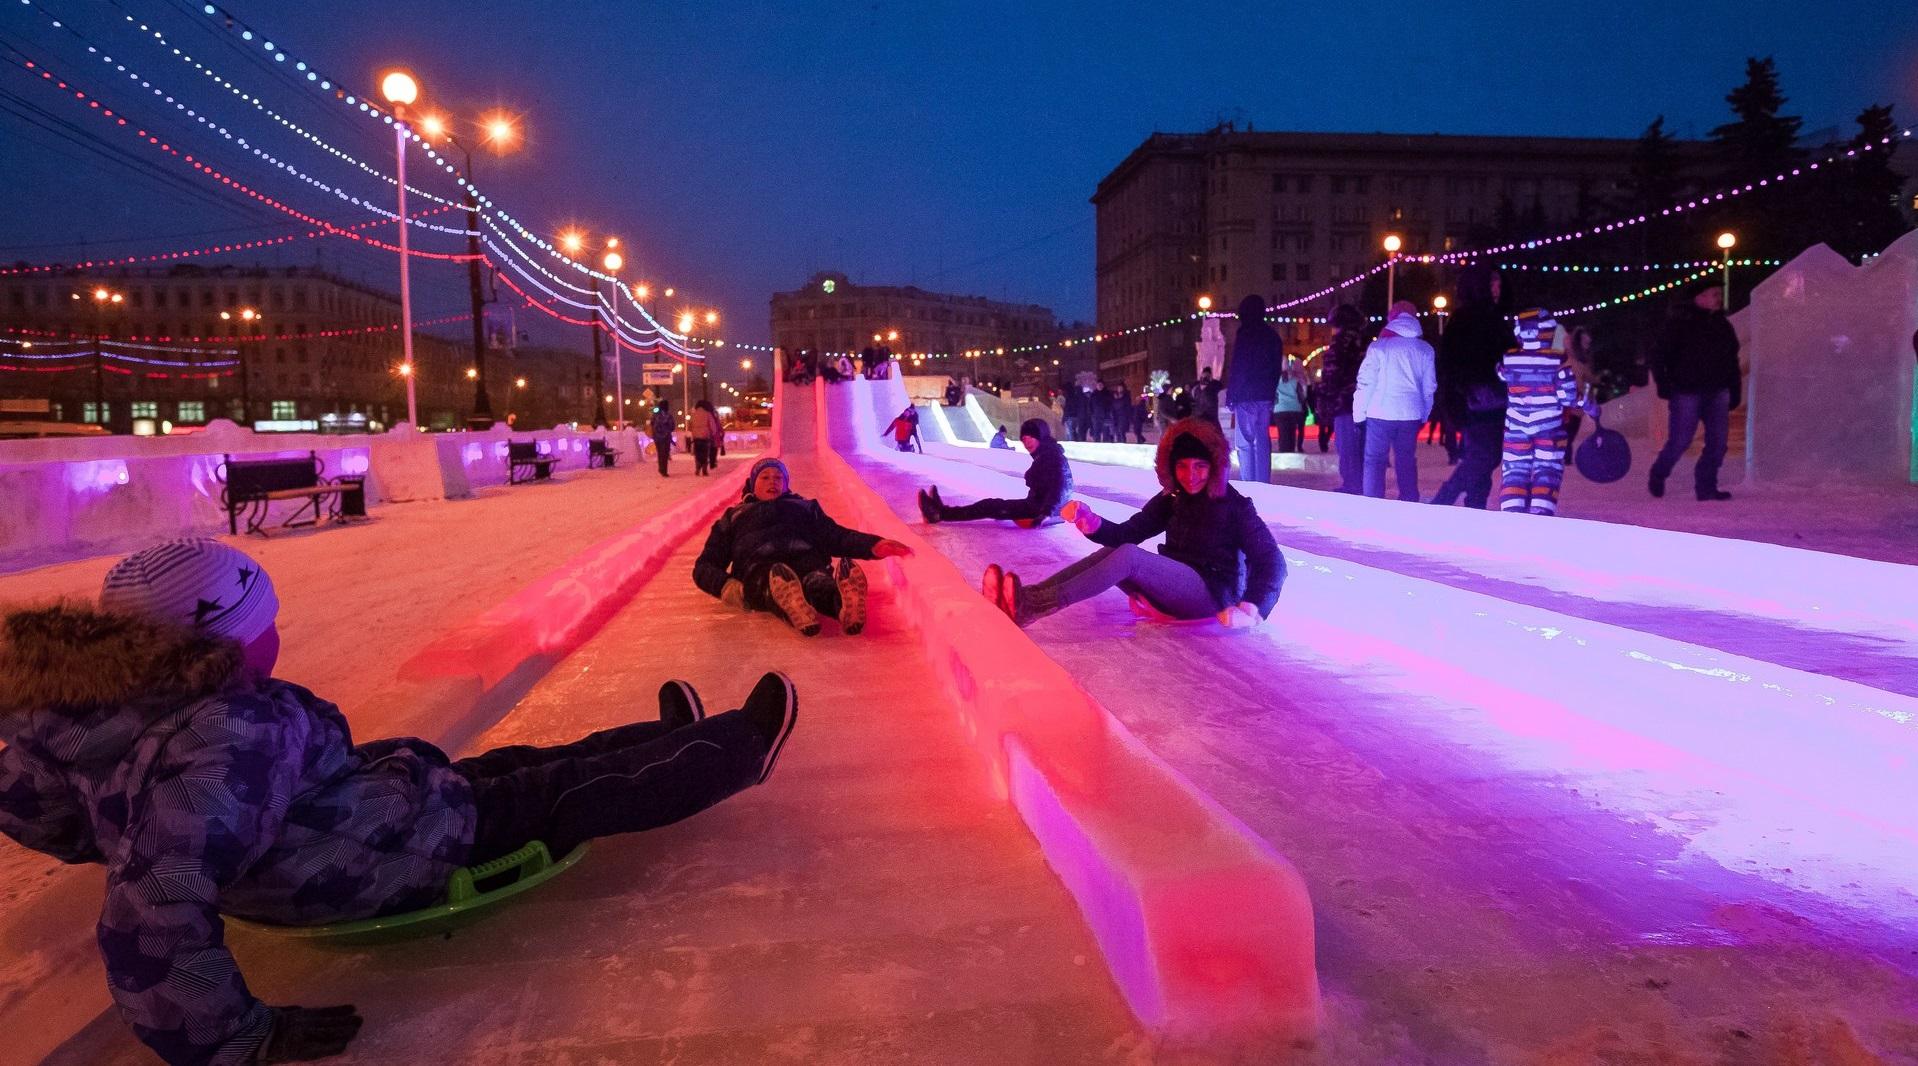 Катание на тюбингах в Екатеринбурге